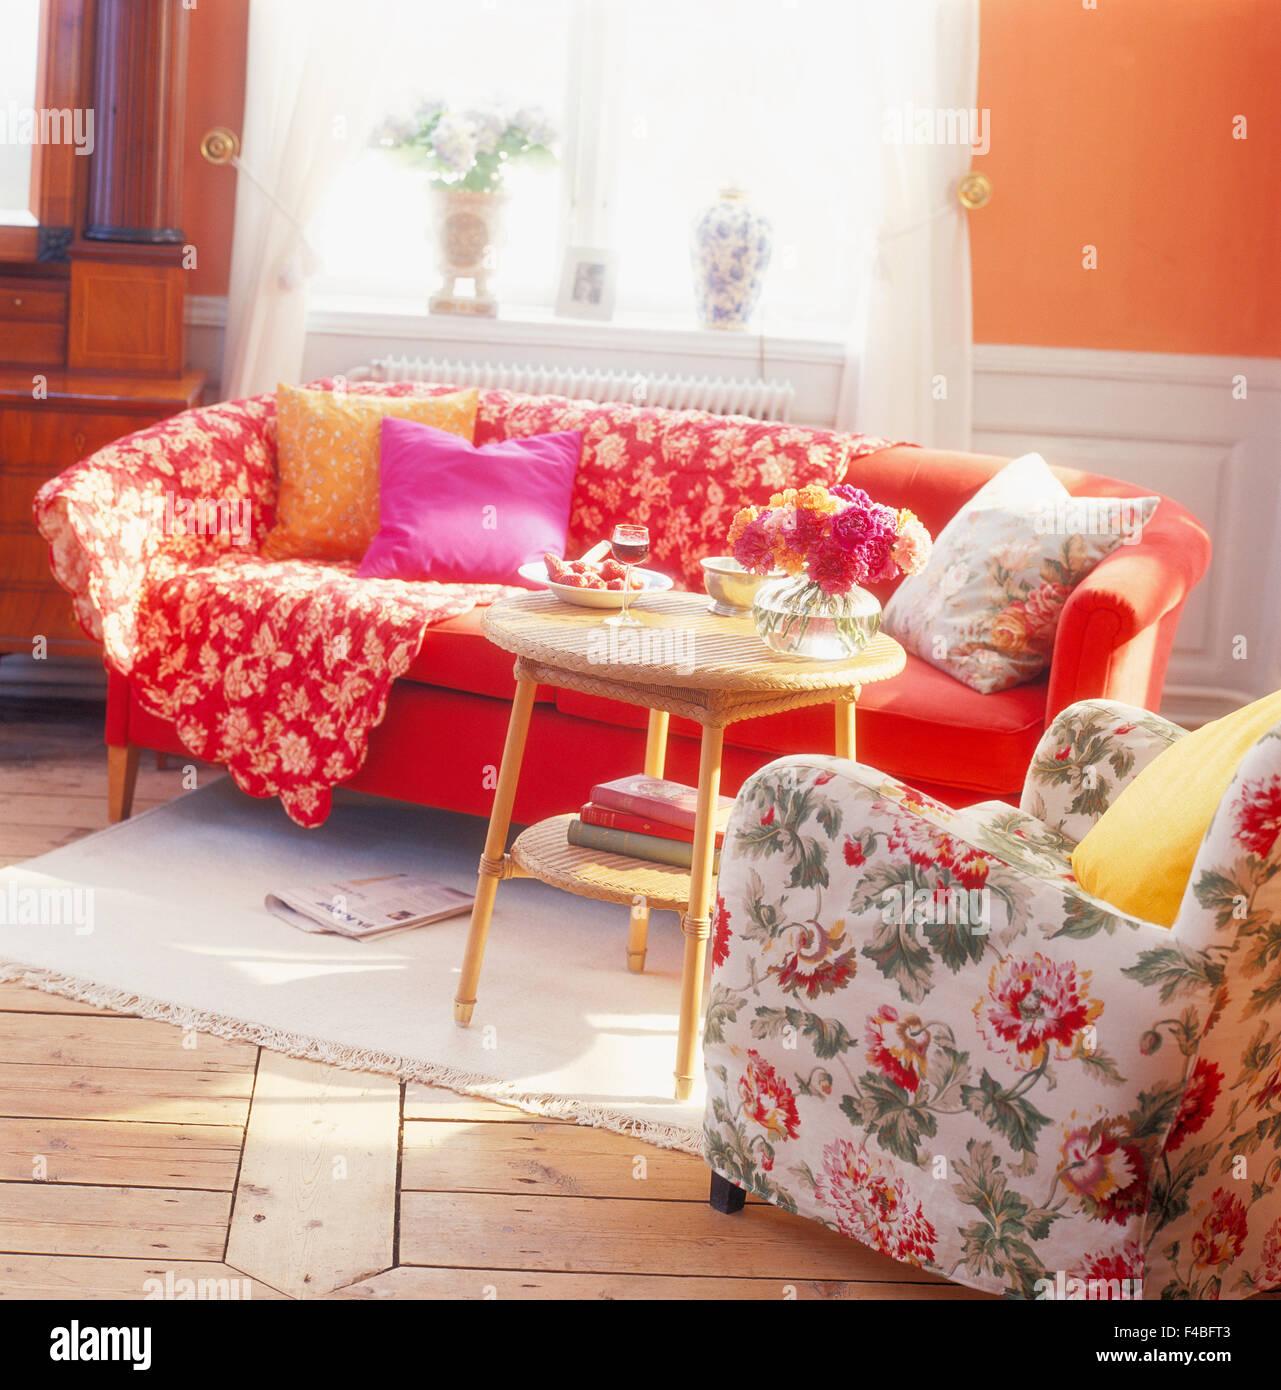 wohnzimmer katalog, sessel katalog 2 bild einrichtung möbel nach hause heimtextilien, Design ideen